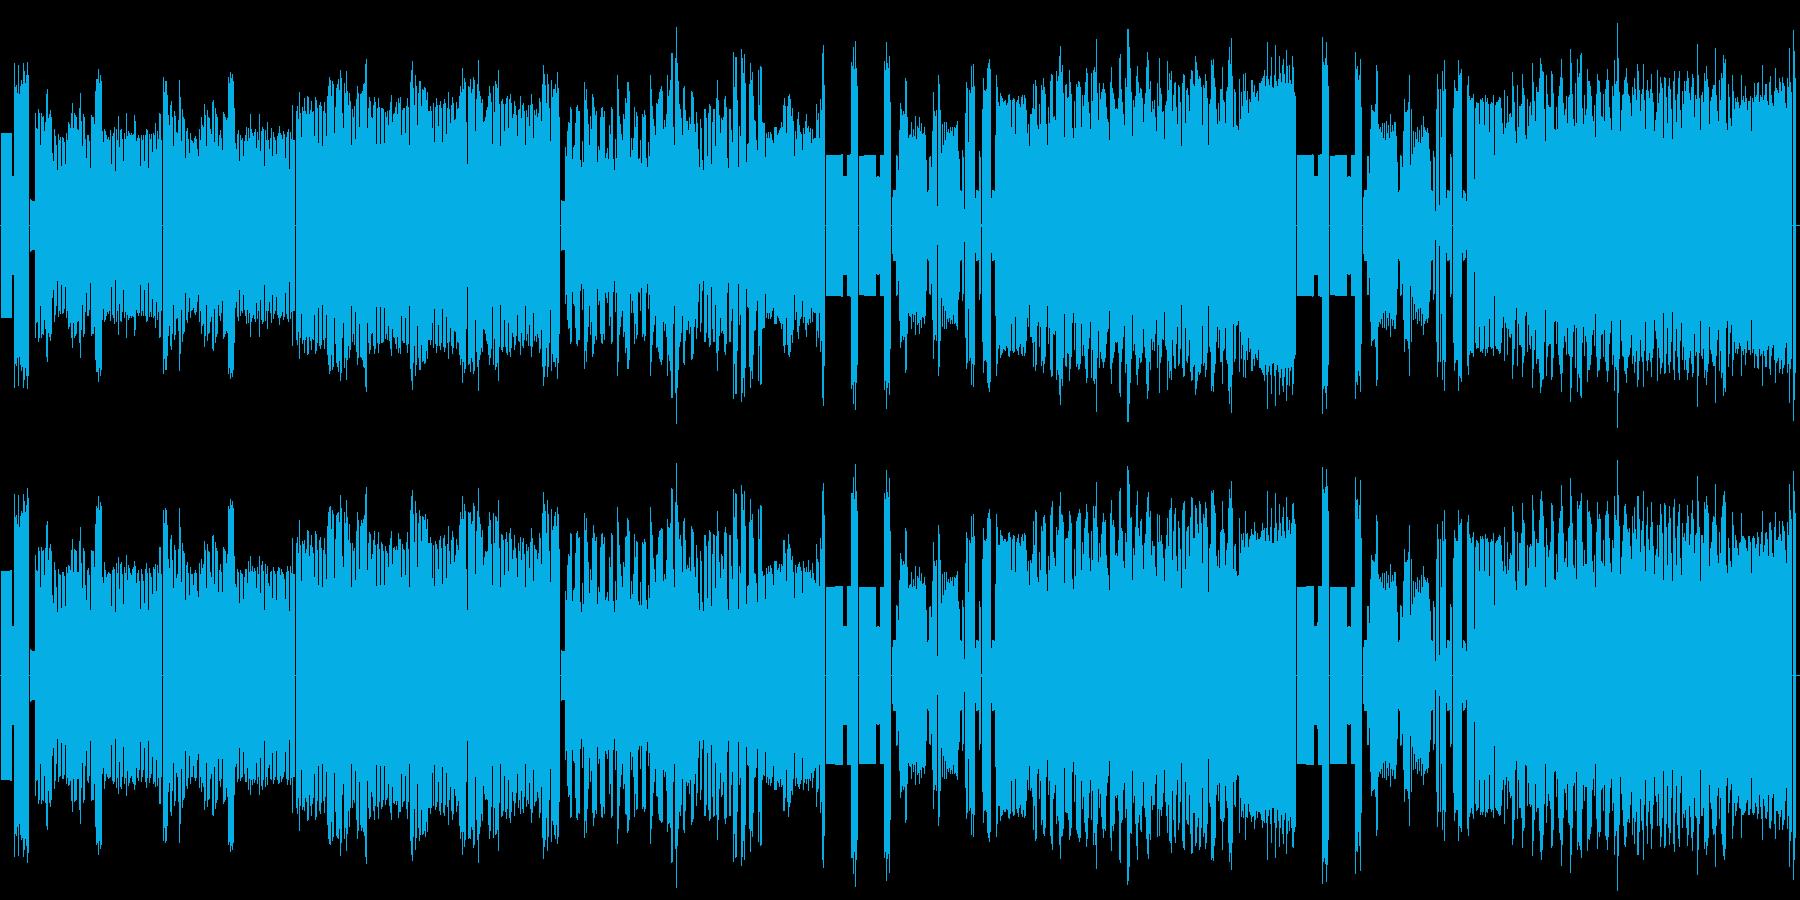 星条旗よ永遠なれ の8bitサウンドの再生済みの波形